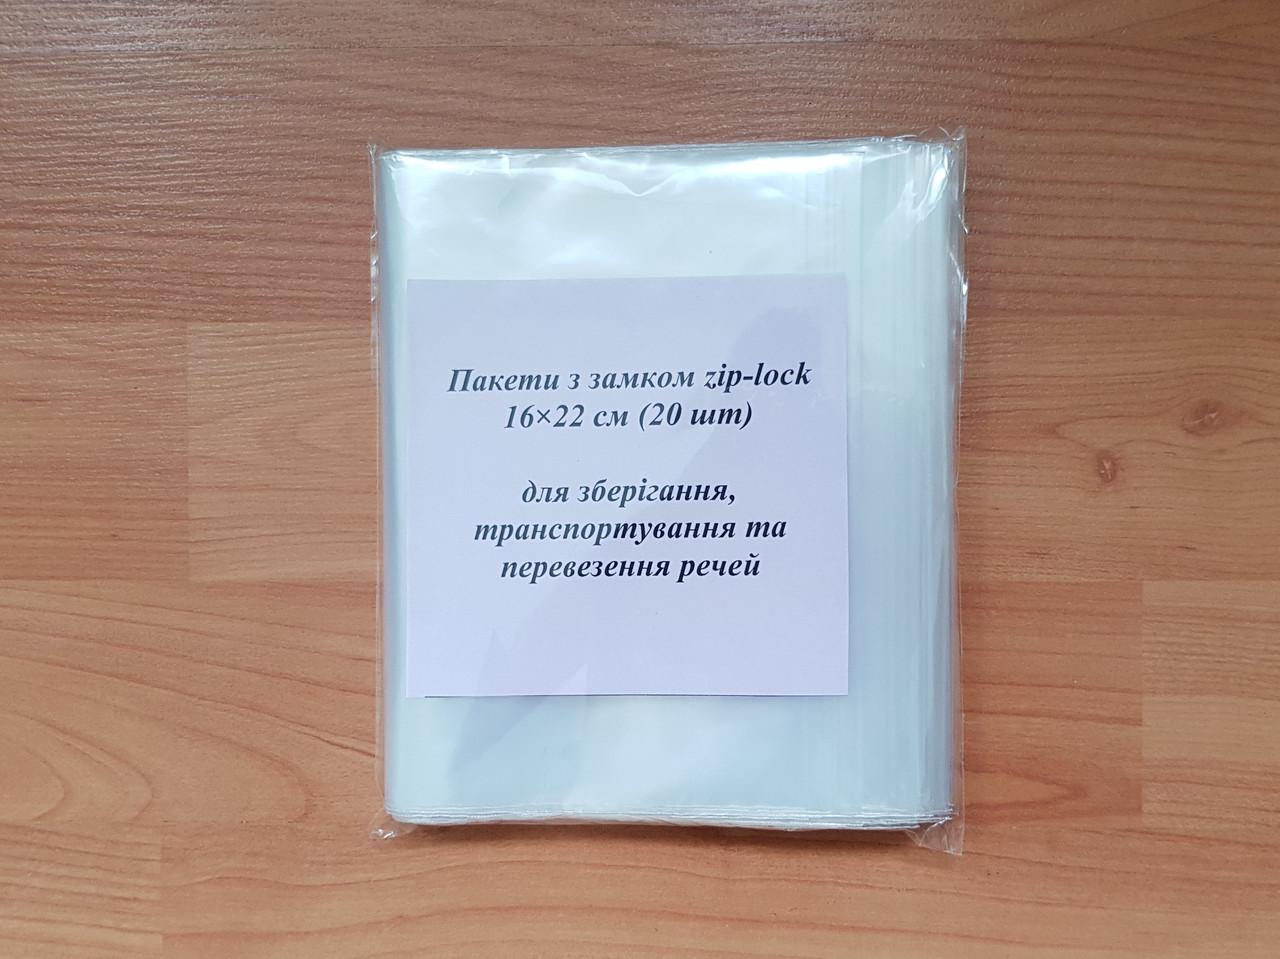 Пакеты с замком zip-lock 160х220 20 шт/уп для хранения, упаковки и перевозки вещей